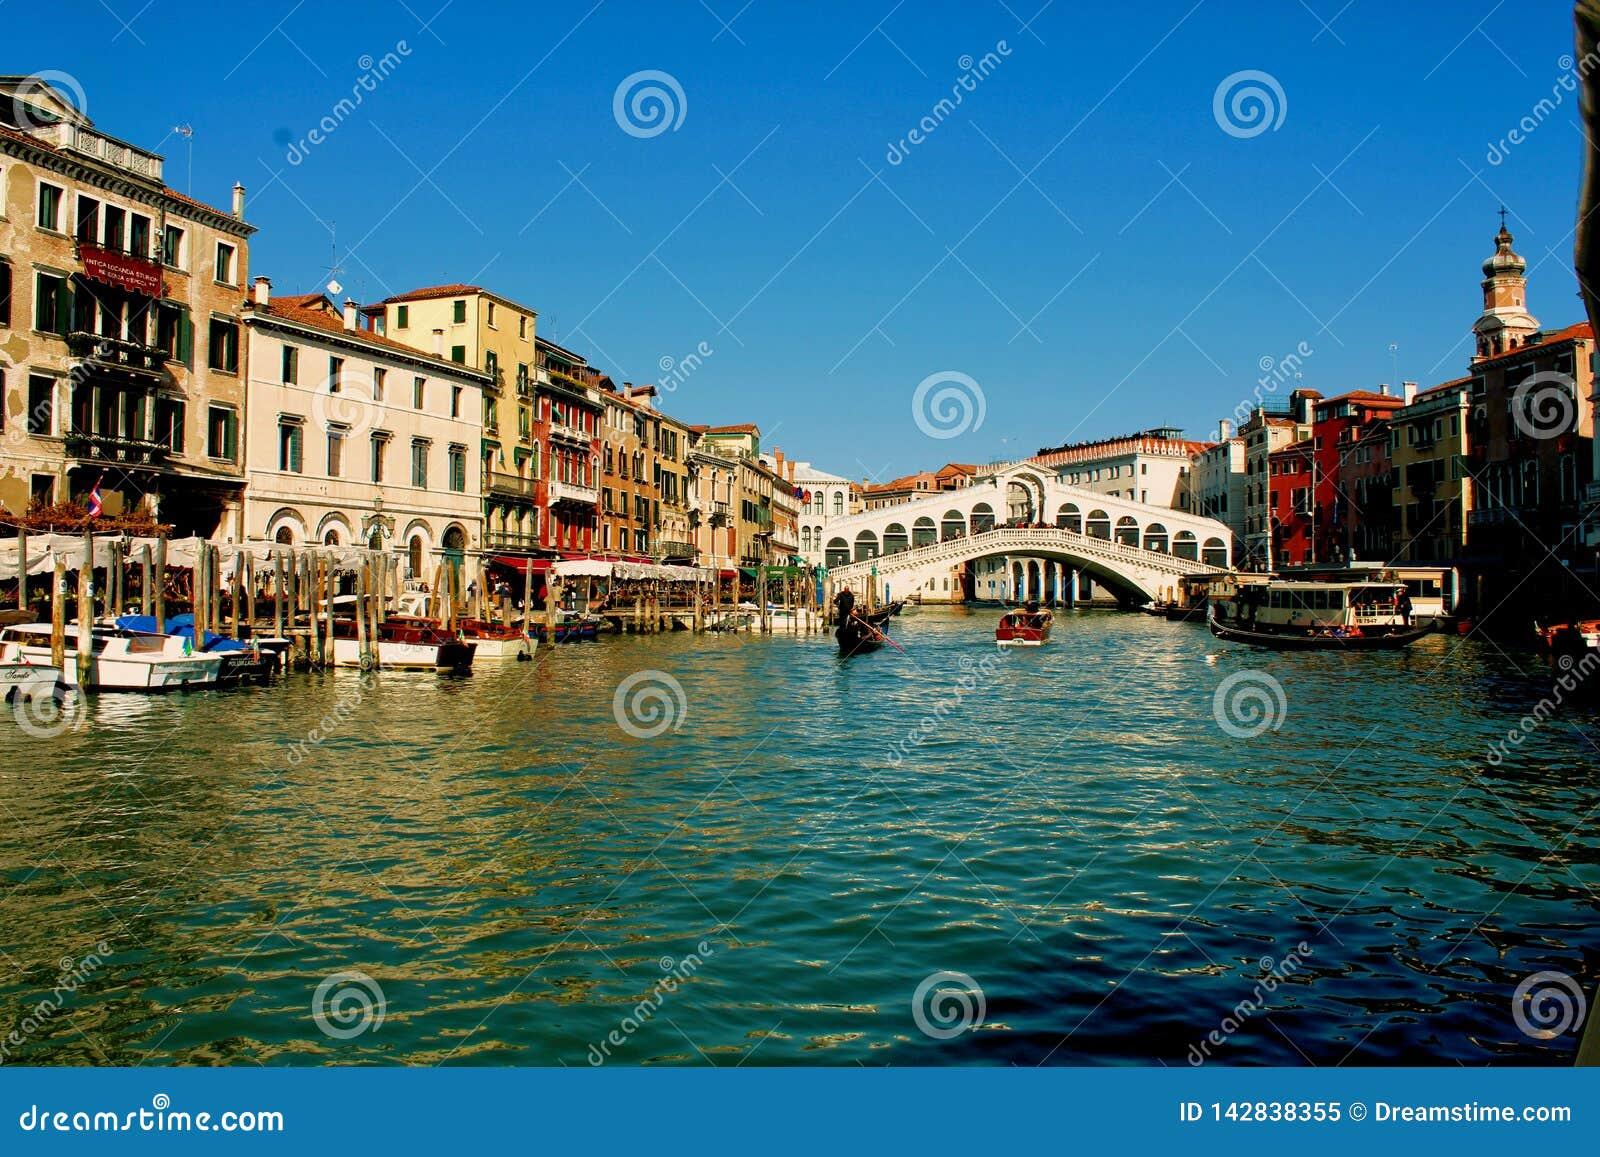 Venecia Ponte Rialto